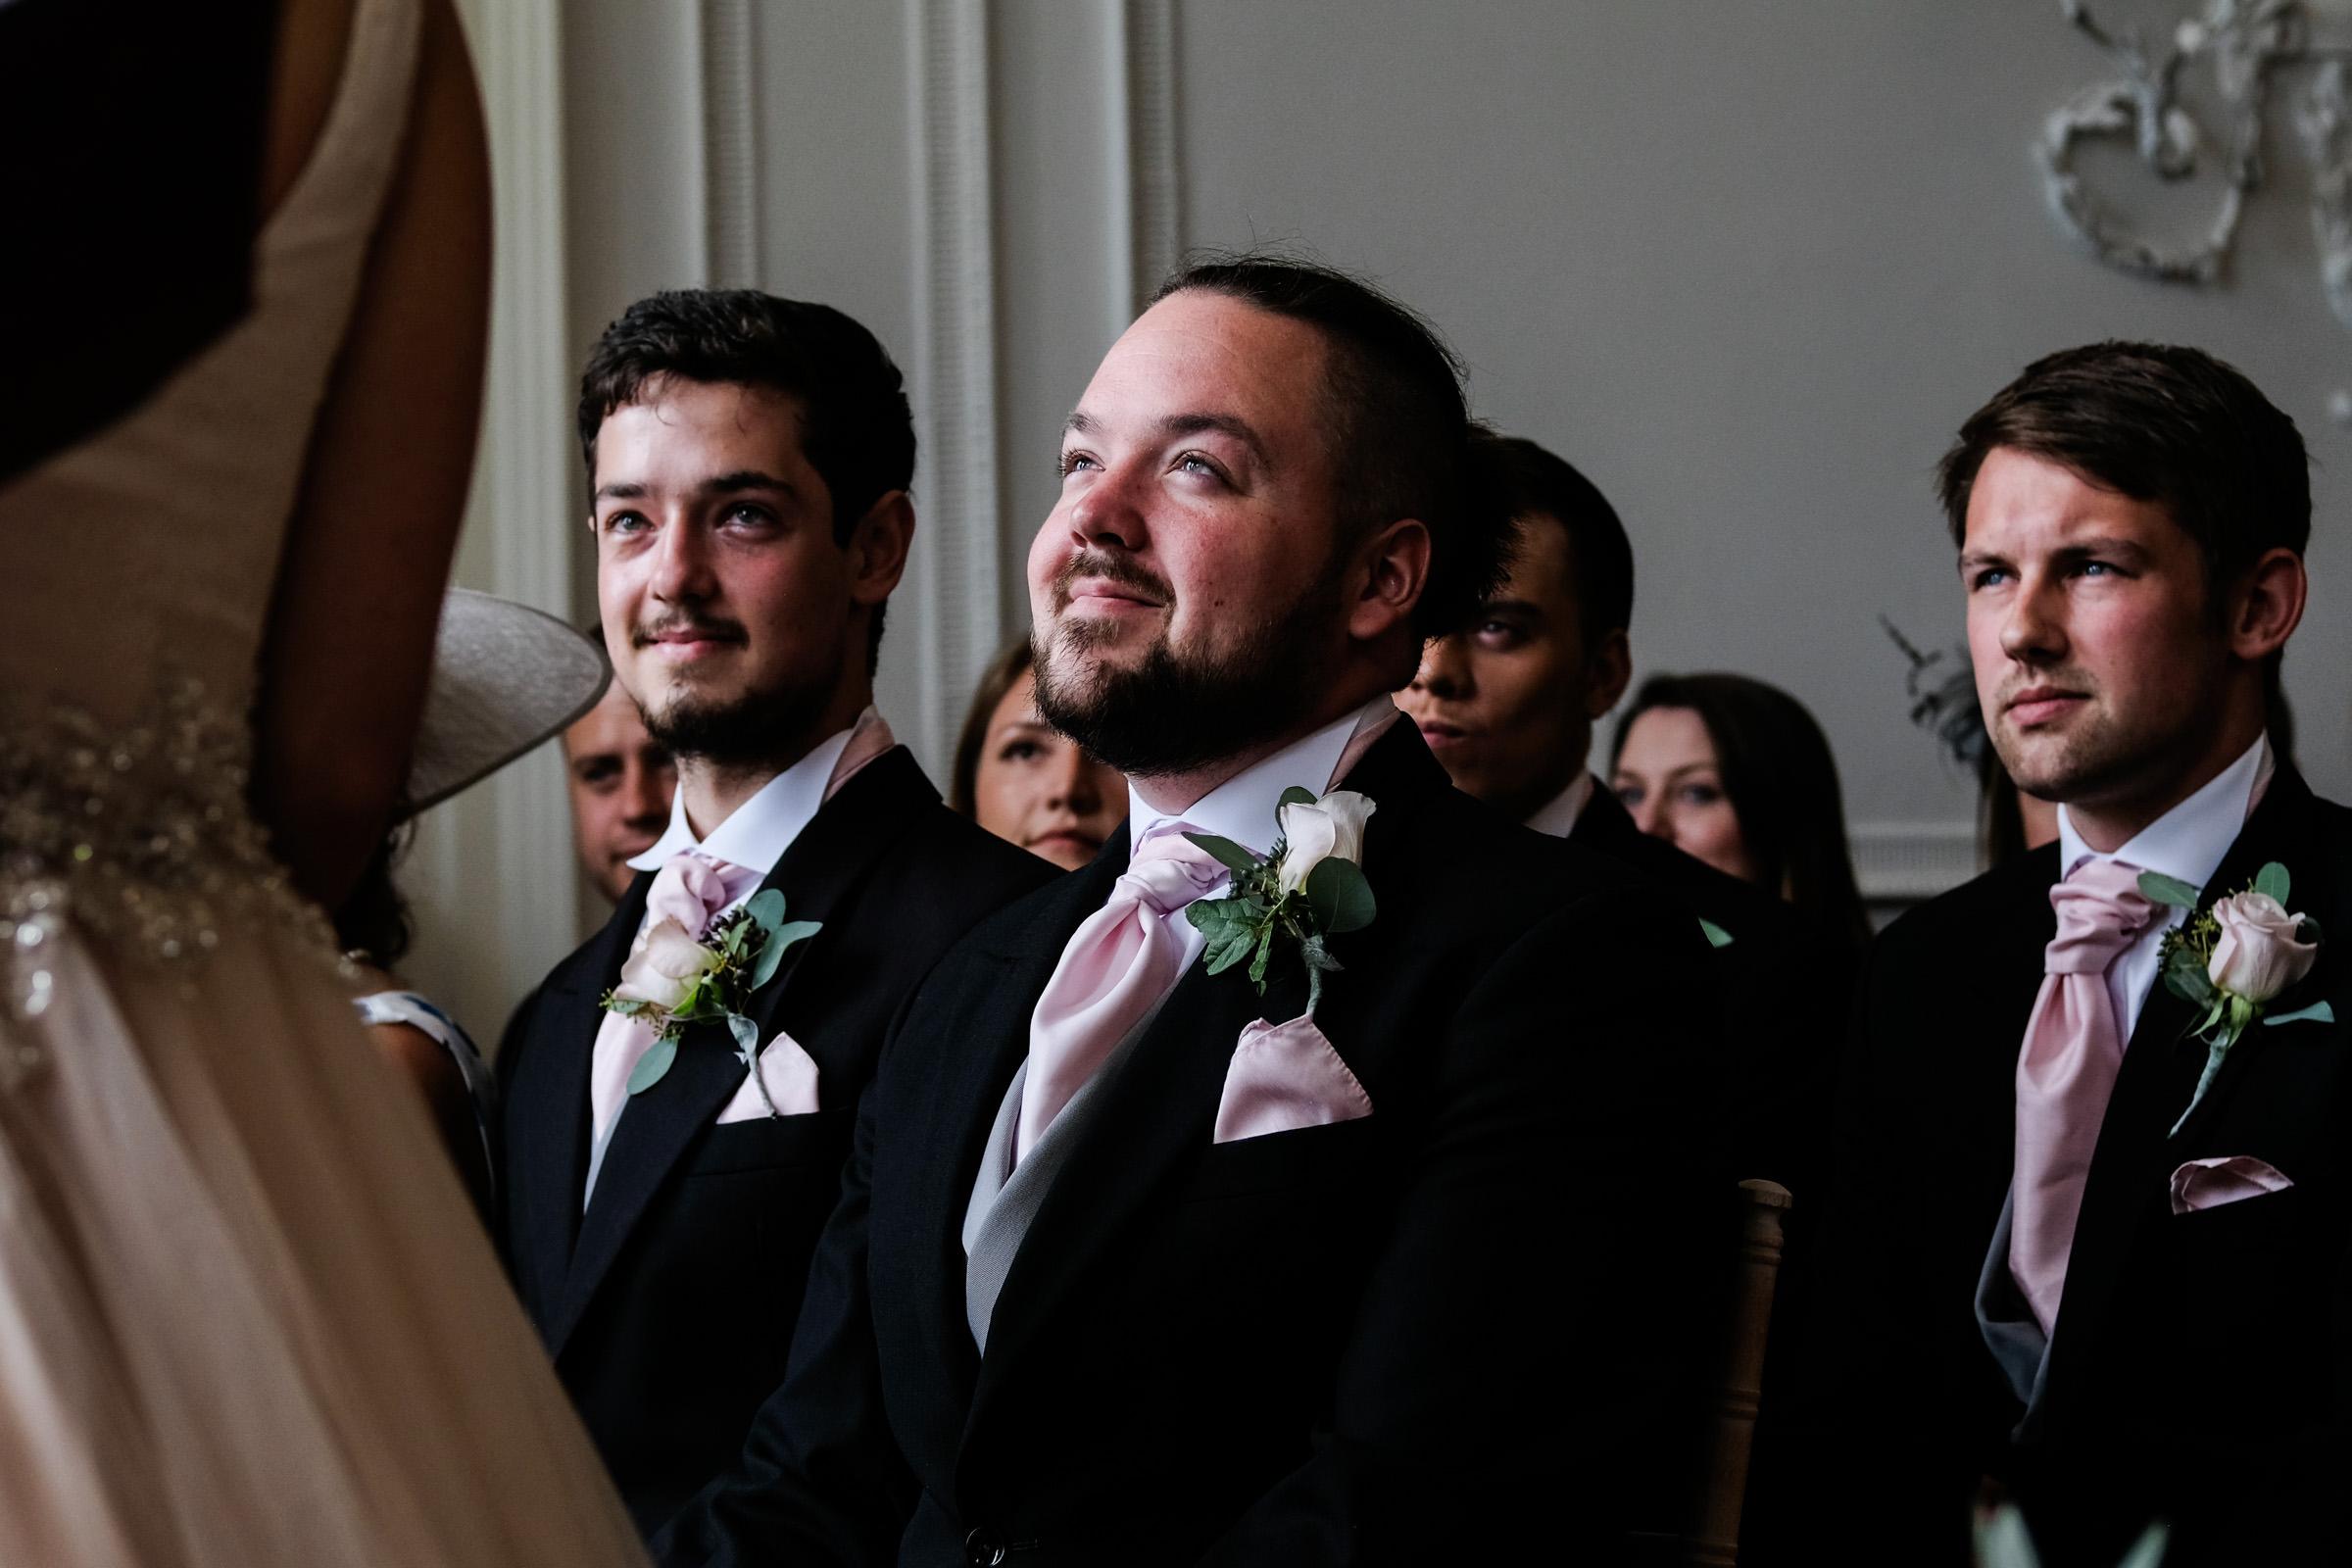 Rockbeare+Manor+Wedding+Photos+Devon+011.jpg